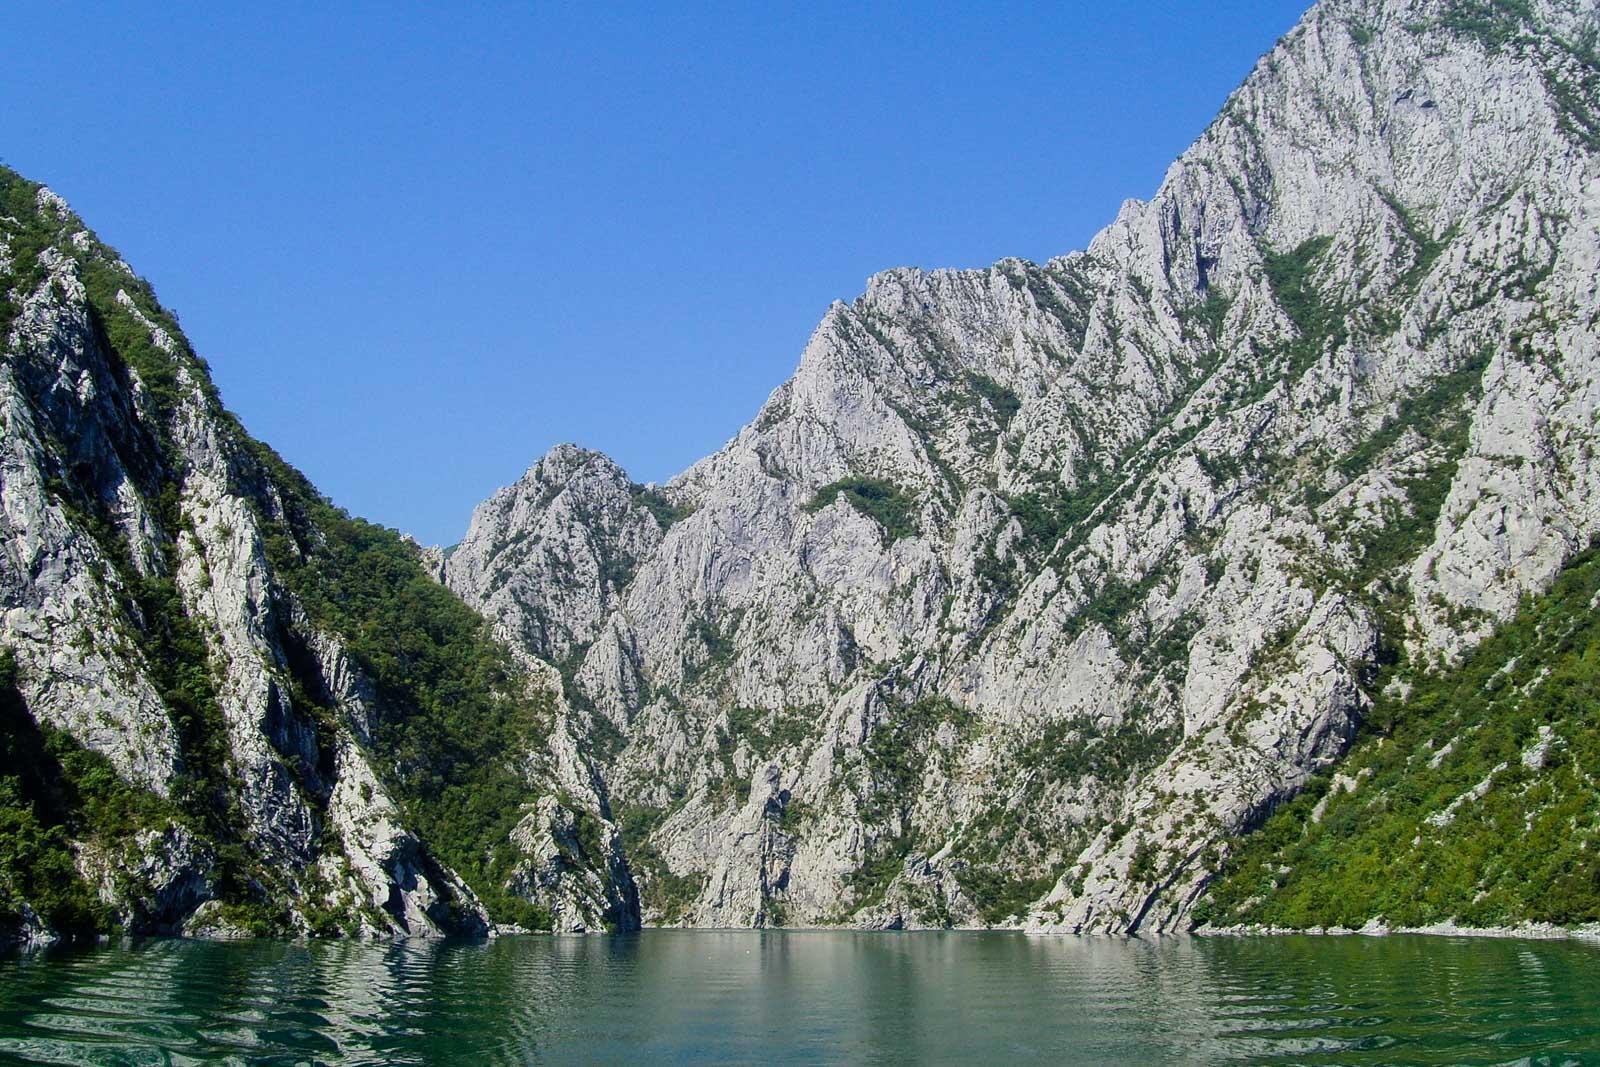 Albanische Alpen Koman-Stausee